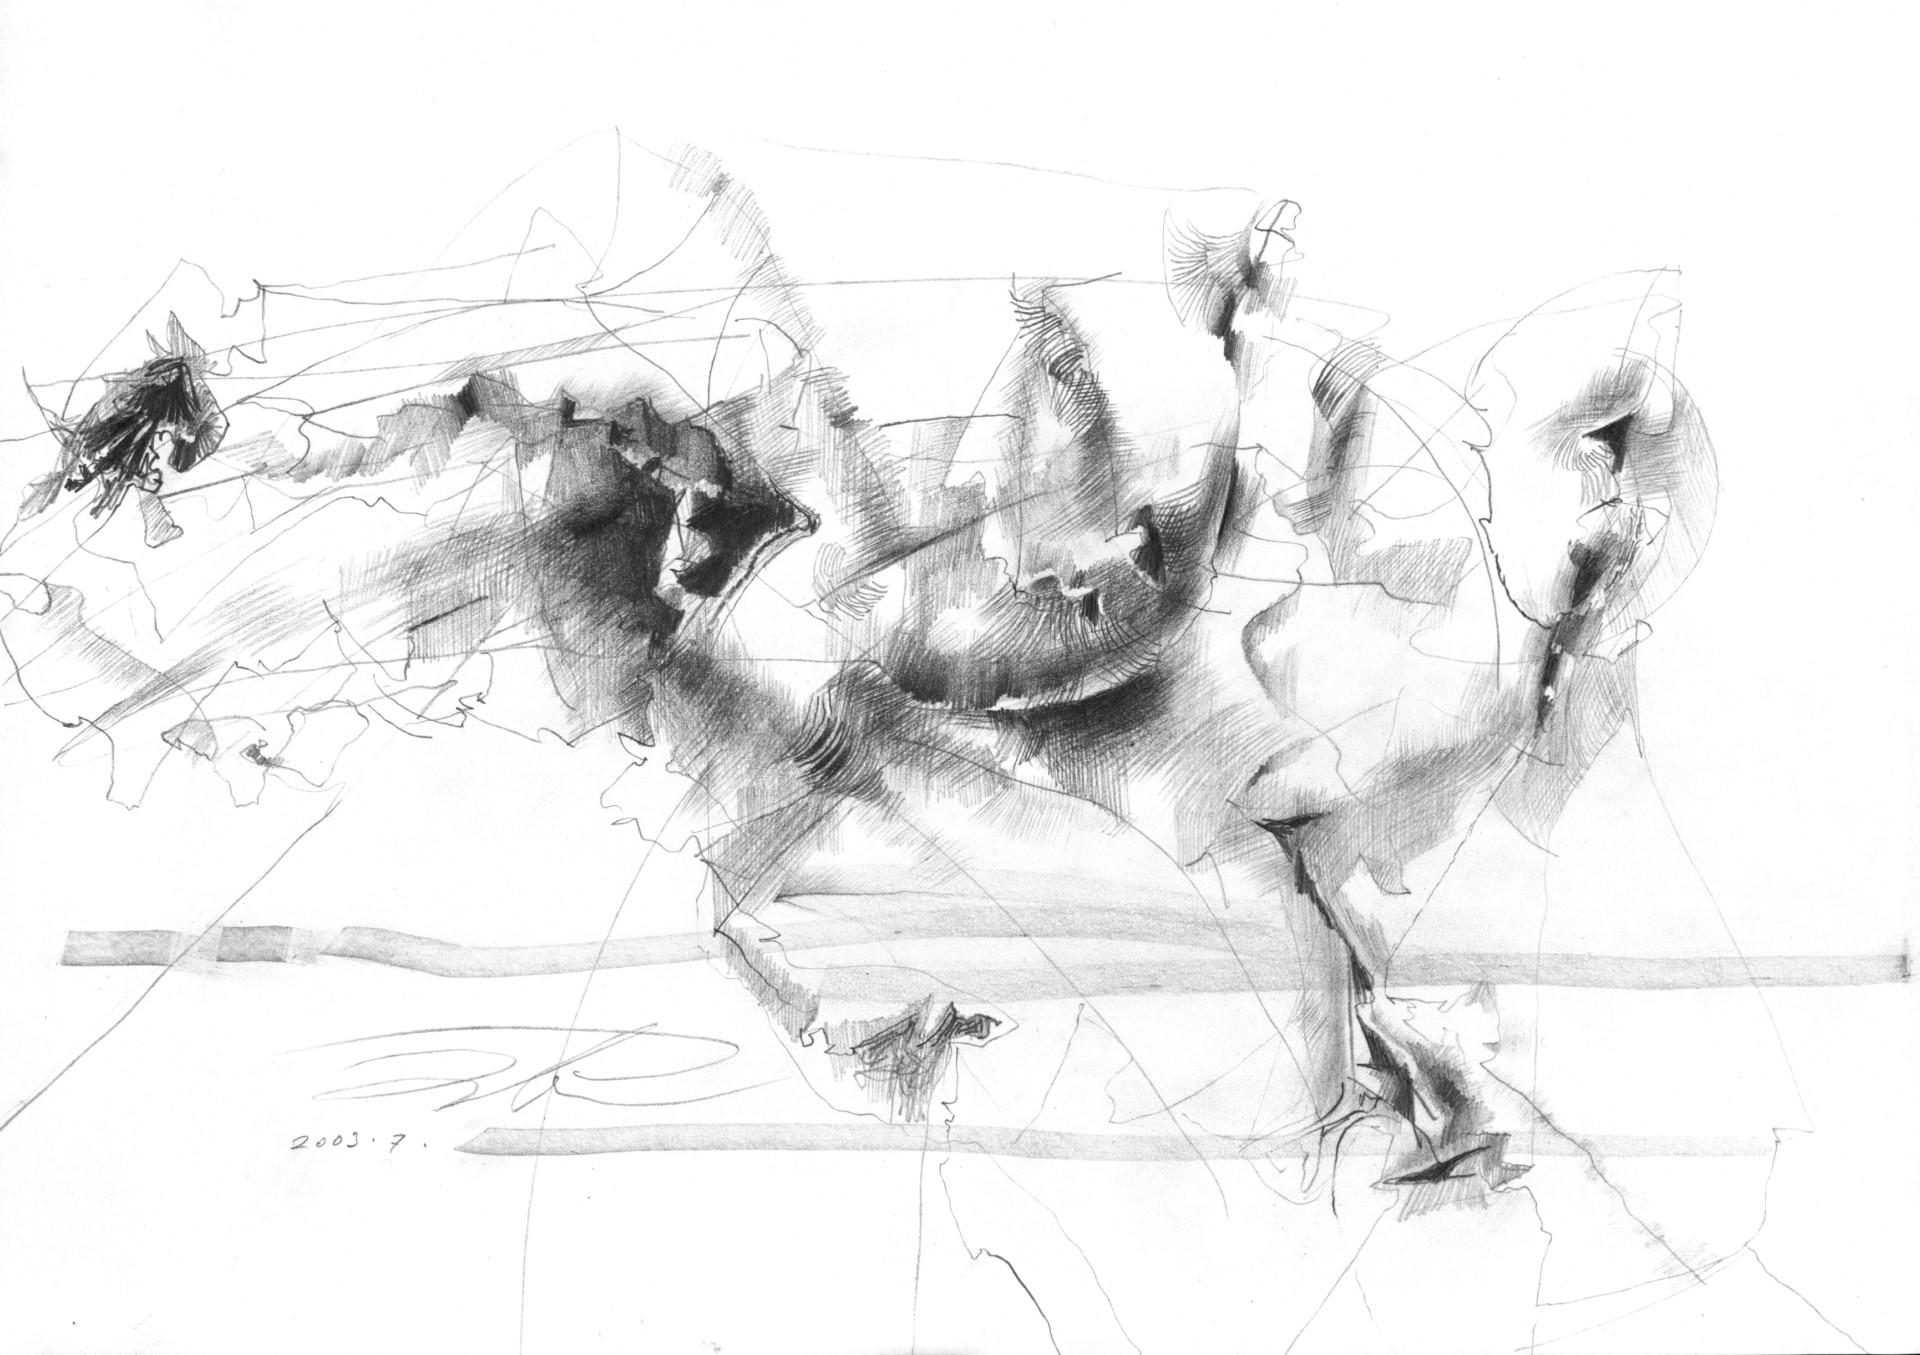 - sketch-